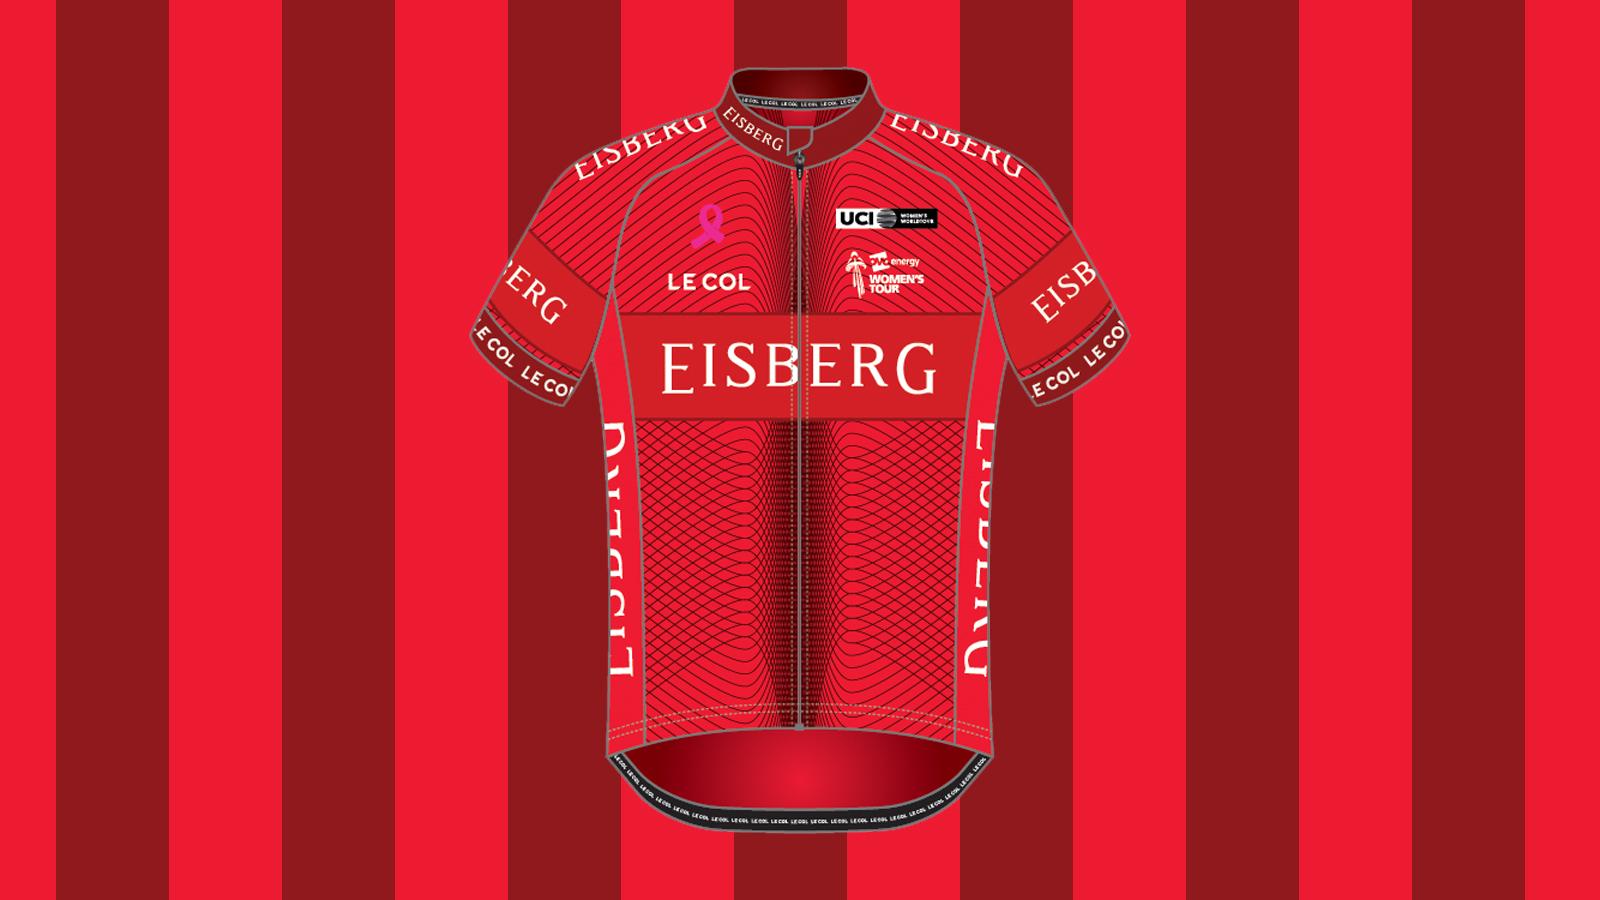 Women's Tour Le Col jersey